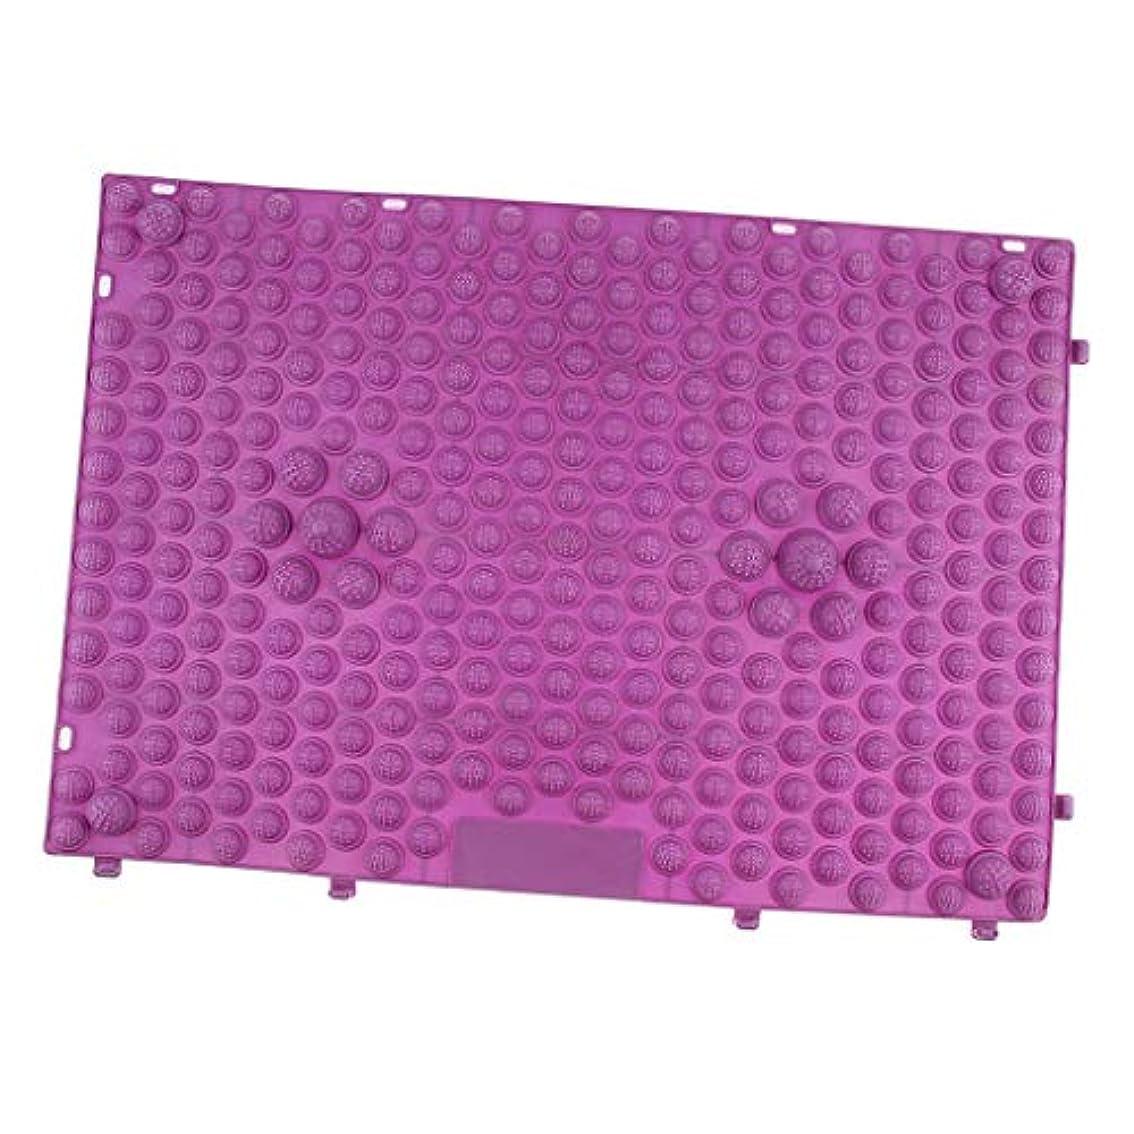 しない濃度ルール足 マッサージパッド マッサージシート 指圧マット 足マッサージ 足指圧板 多色選べ - 紫